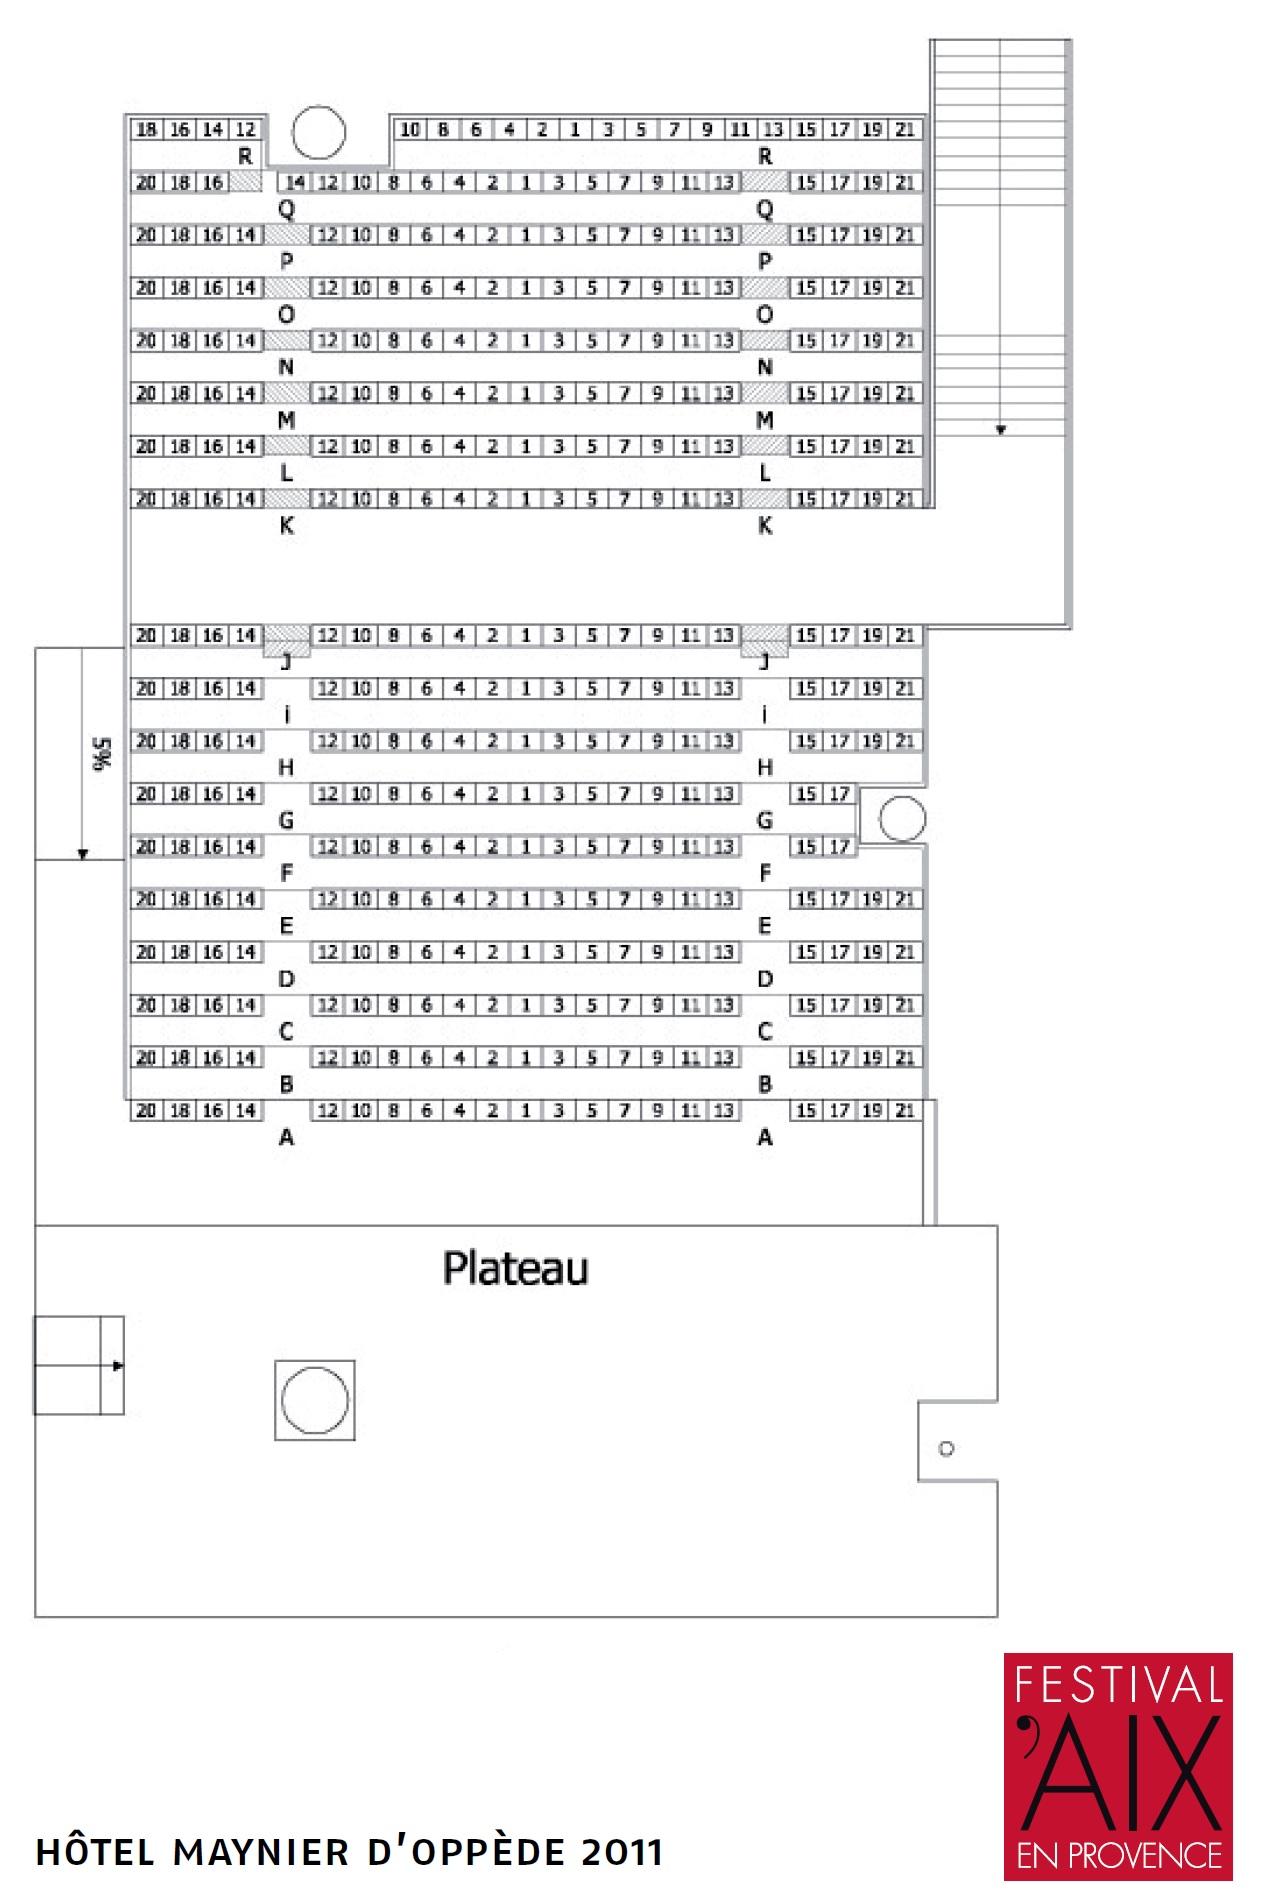 Экс-ан-Прованский оперный фестиваль. Схема HÔTEL MAYNIER D'OPPÈDE